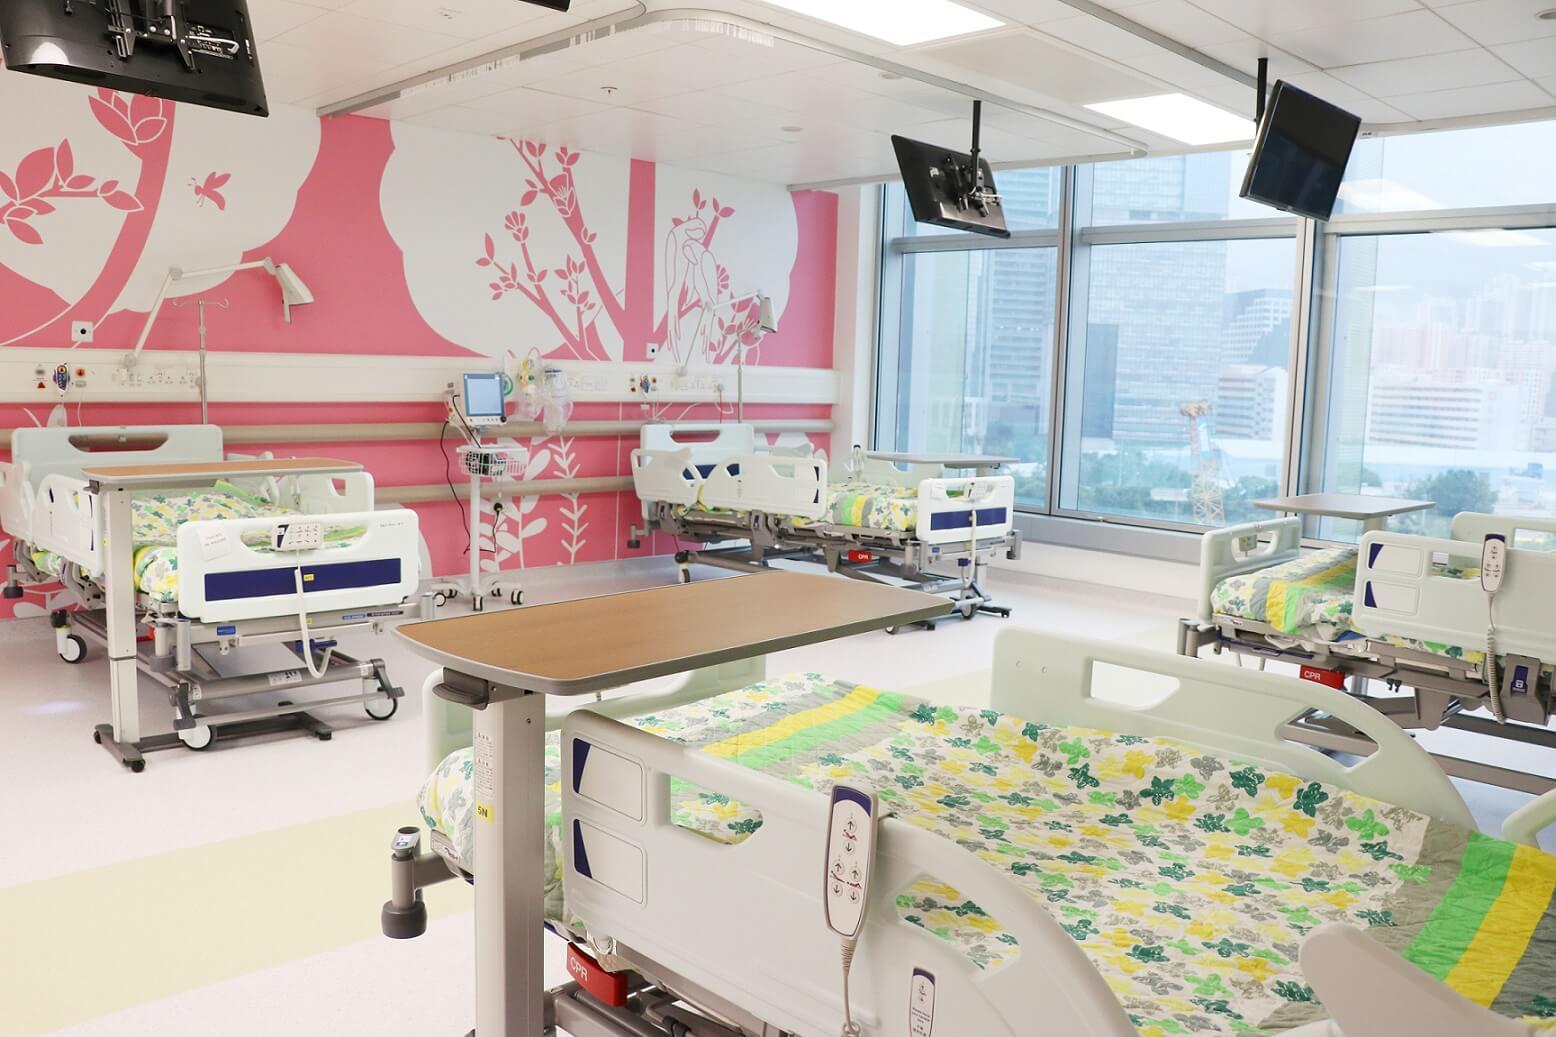 病房牆上有大自然主題畫作,減低小孩不安感。